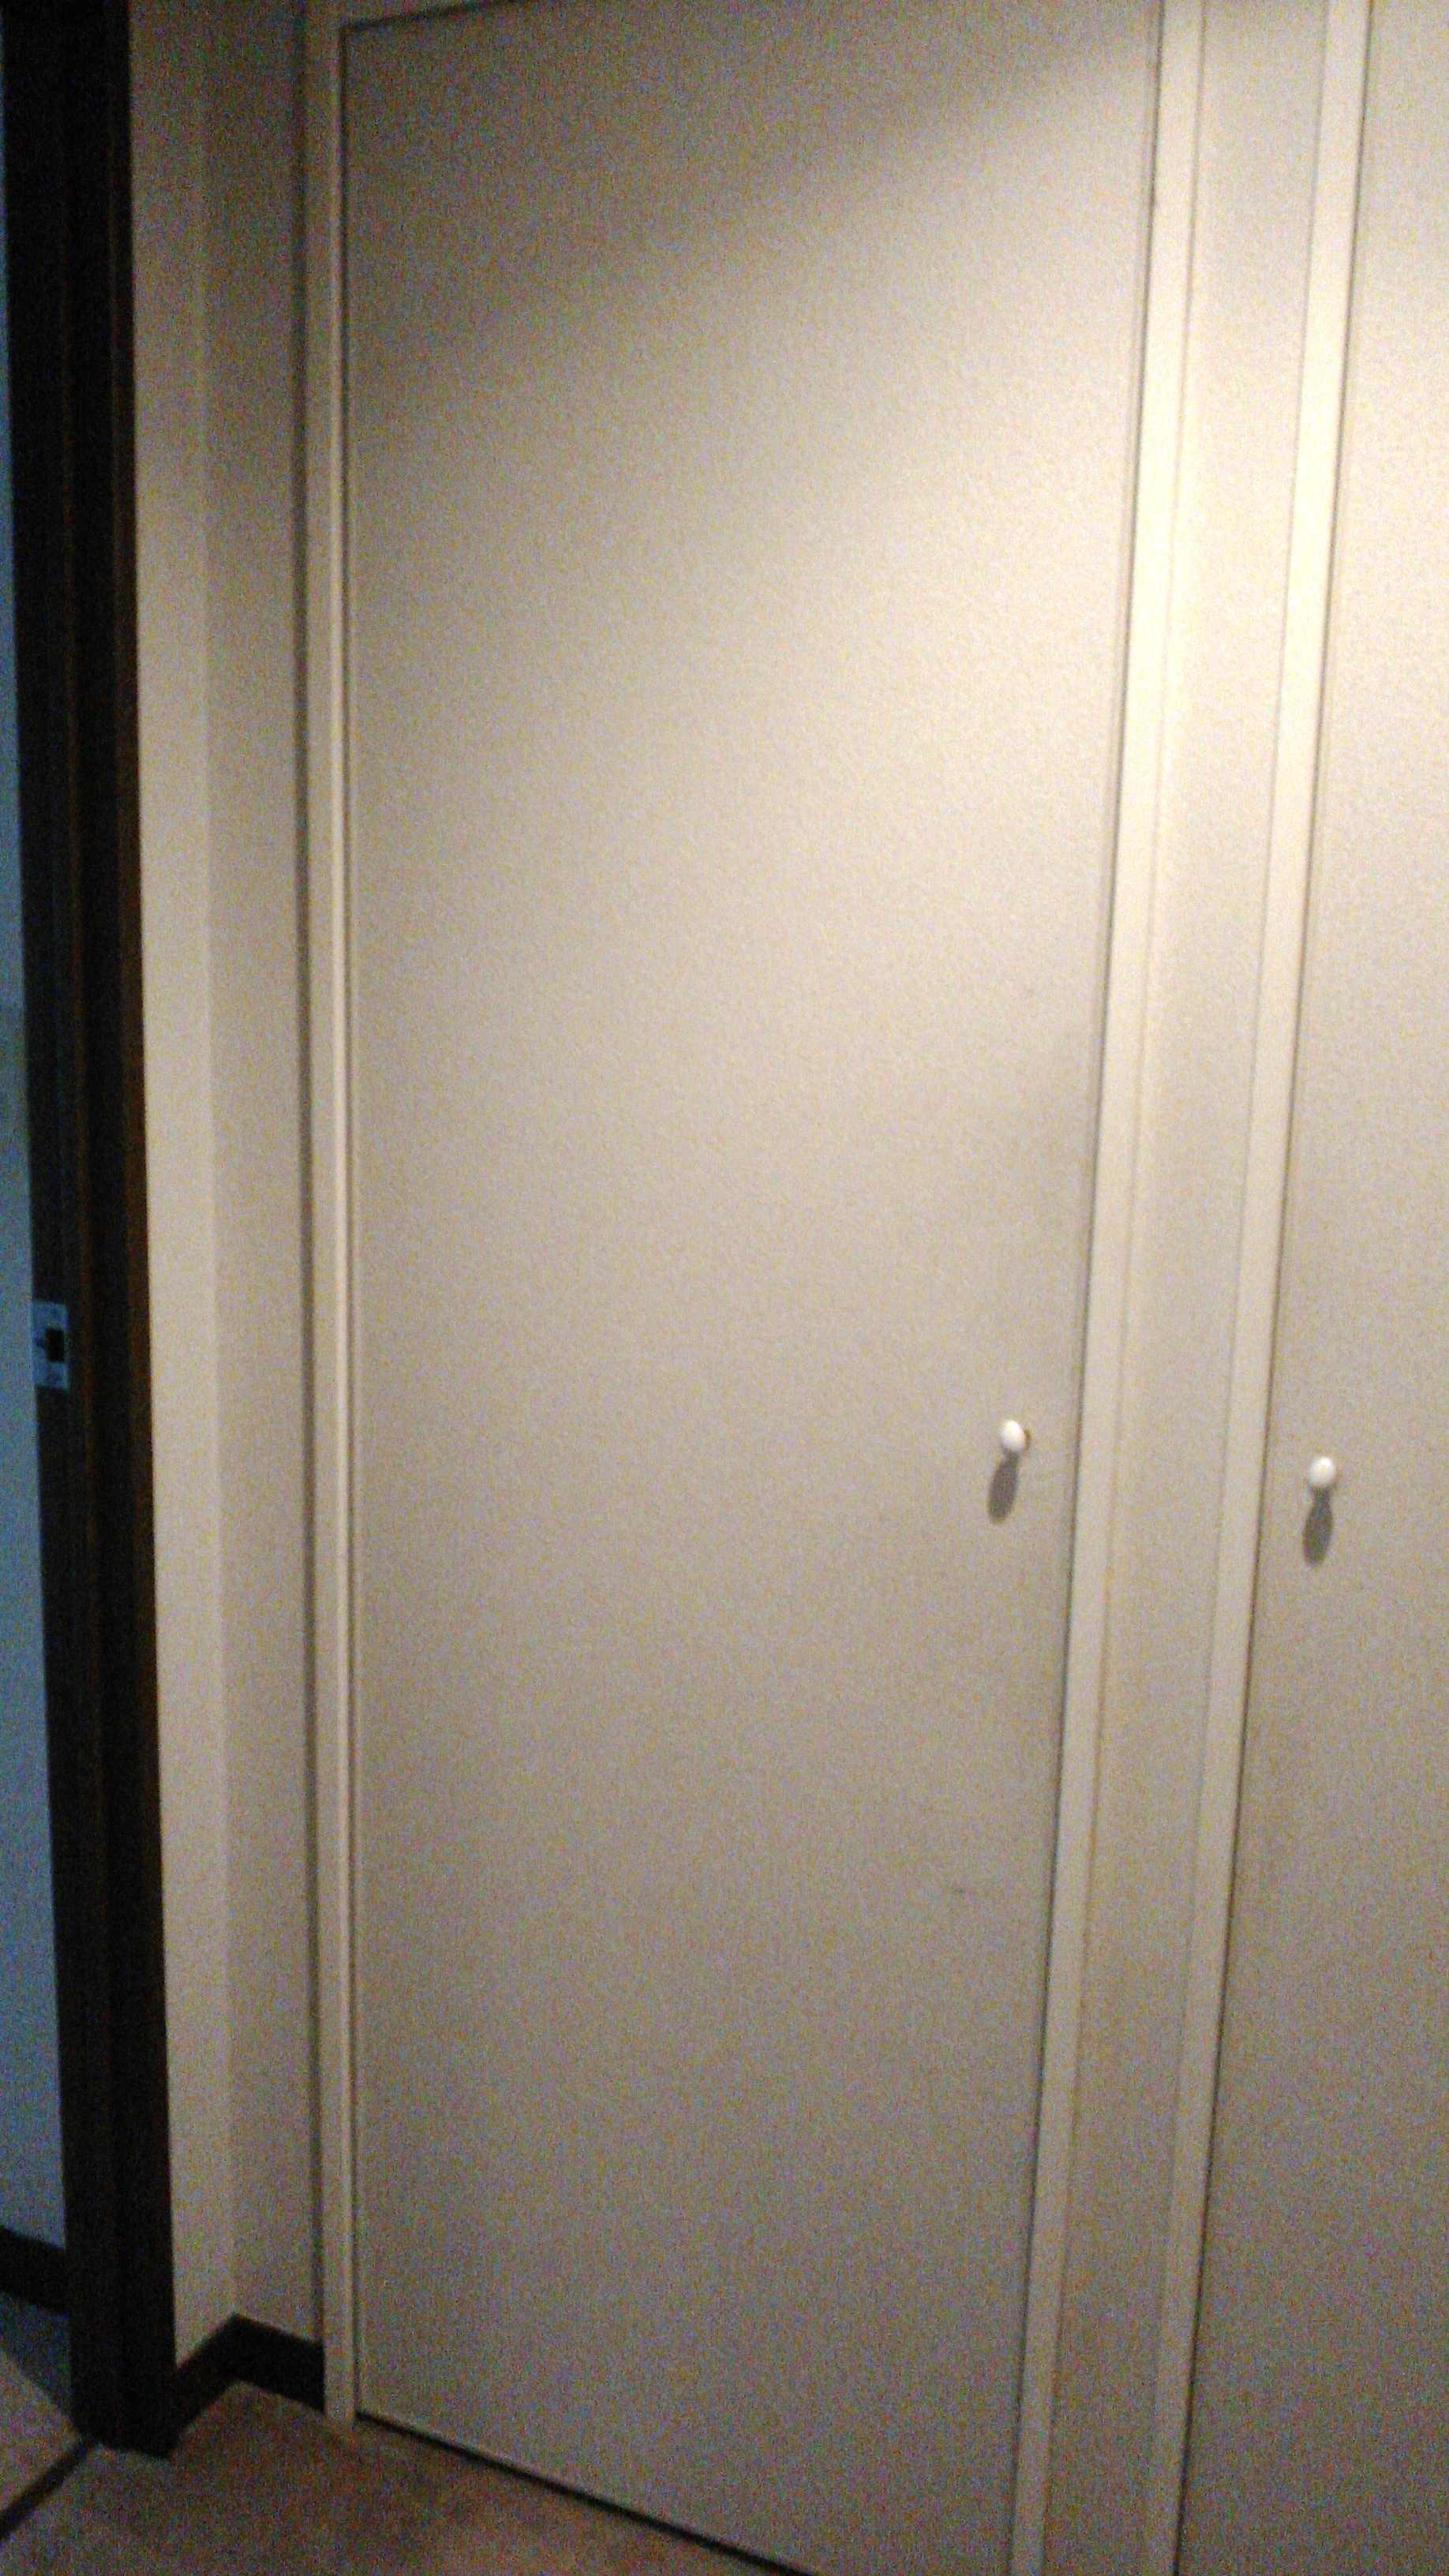 収納扉 メンテナンス ウィリアムモリス正規販売店のブライト_c0157866_17021018.jpg